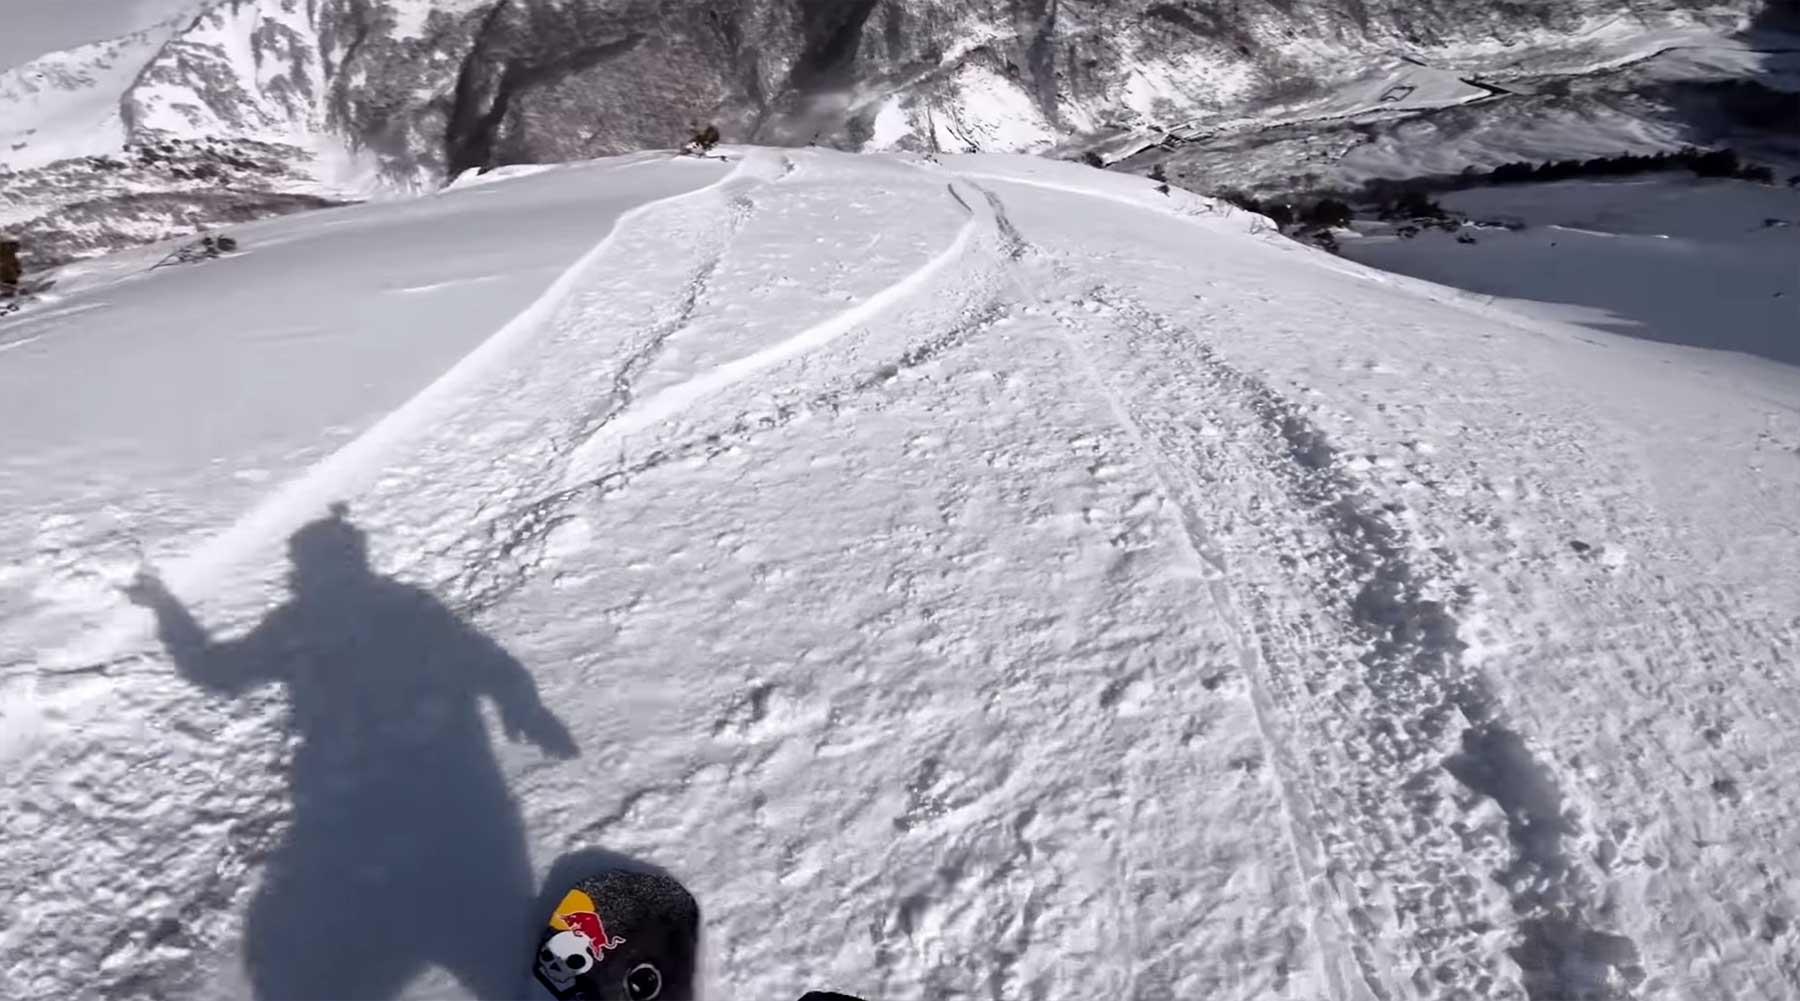 POV-Snowboard-Freeride mit Travis Rice GoPro-Travis-Rice-Winning-Run-Hakuba-Japan-FWT-2019